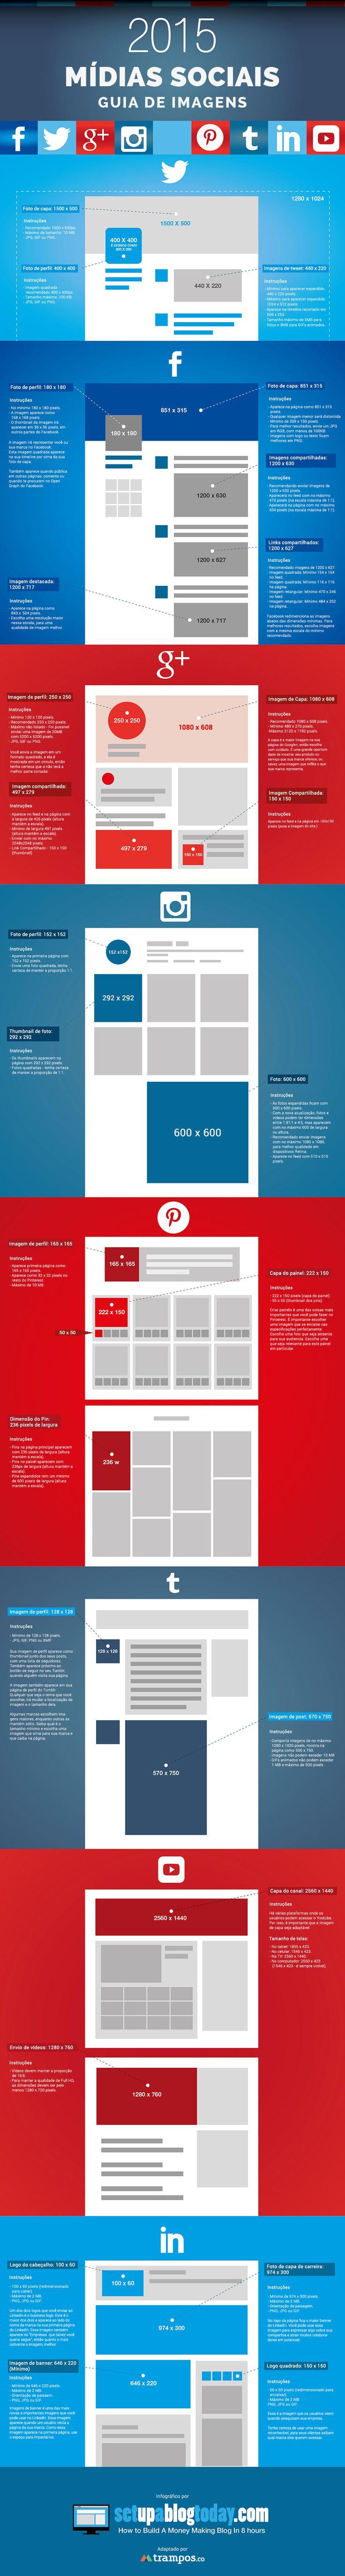 Infográfico: Guia dos tamanhos de imagens nas mídias sociais 2015